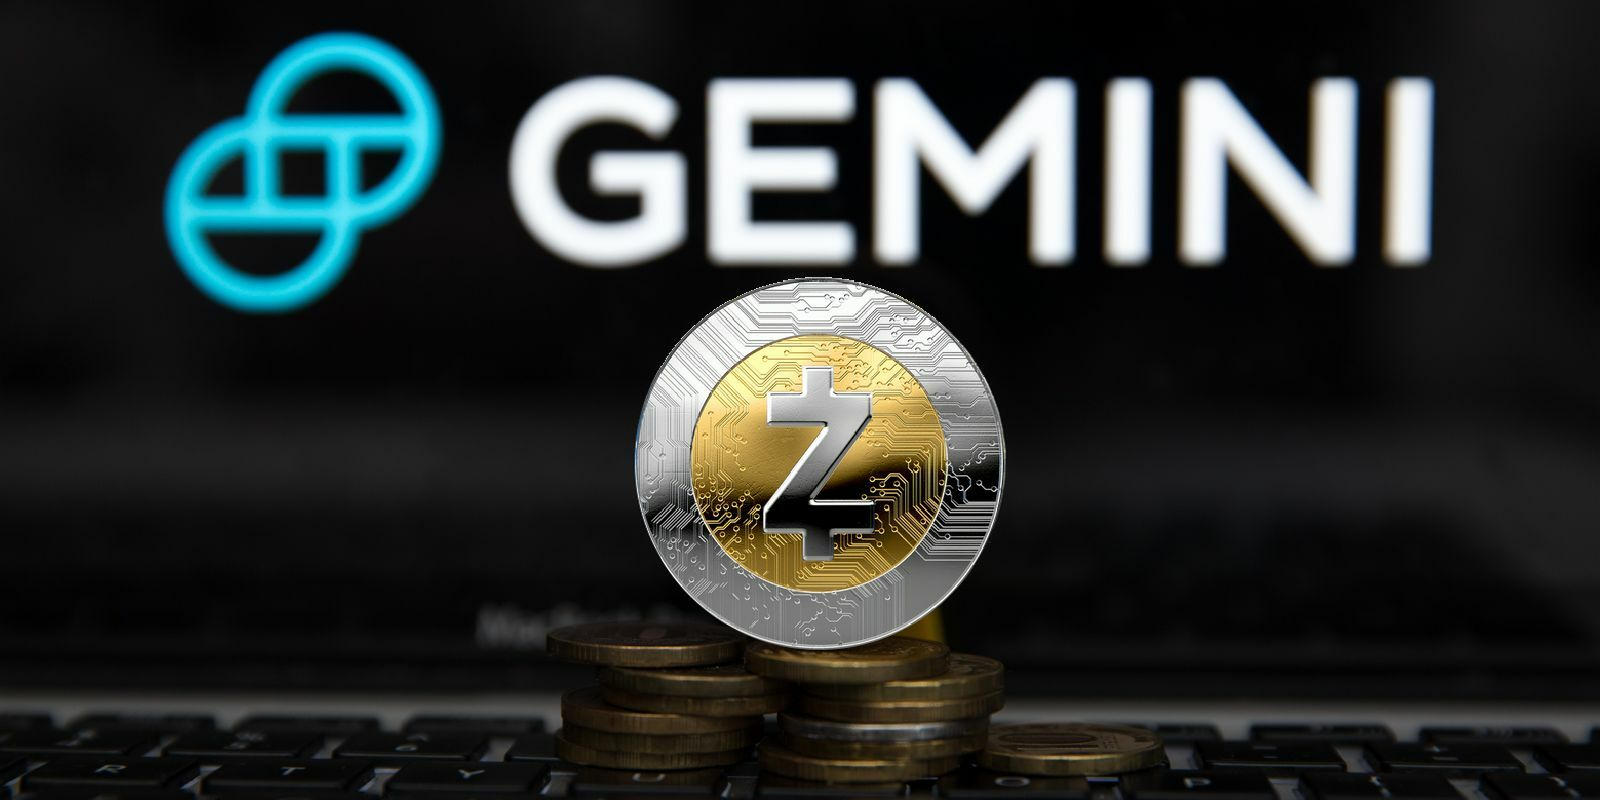 Gemini débloque les transactions anonymes pour Zcash… Ou presque